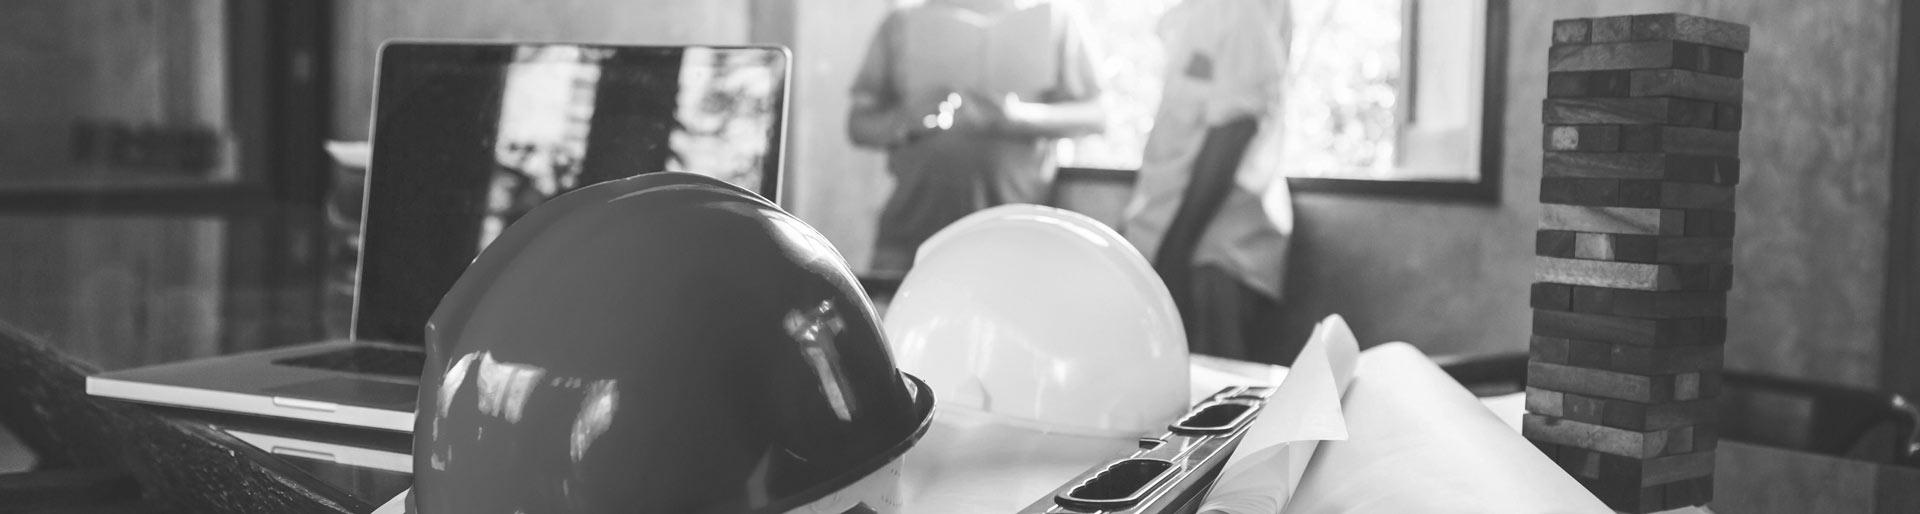 tressecostruzioni-consulenza-header